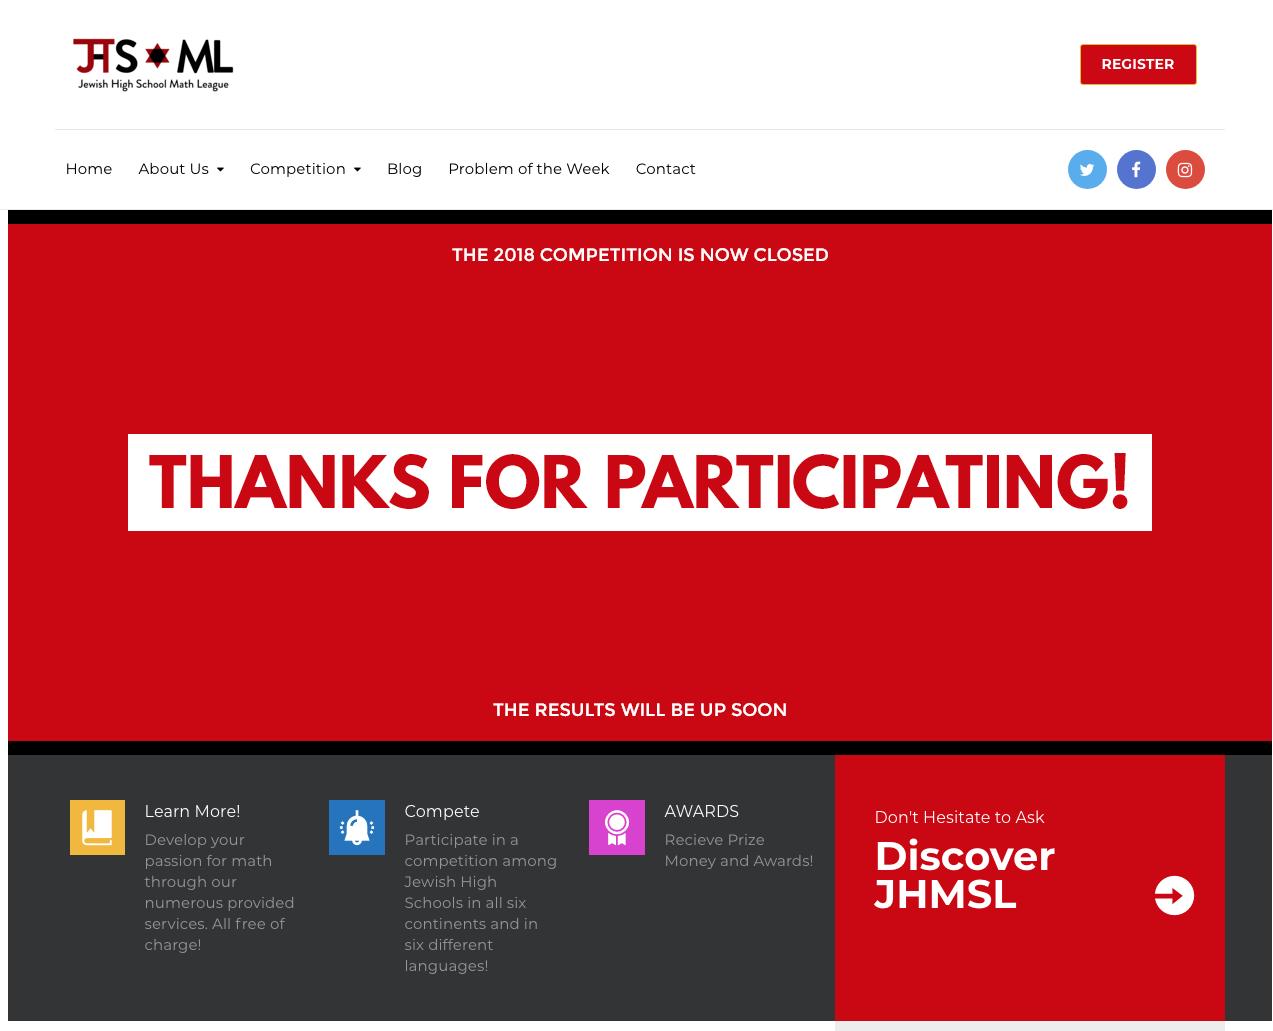 JHS Math League — Case Study